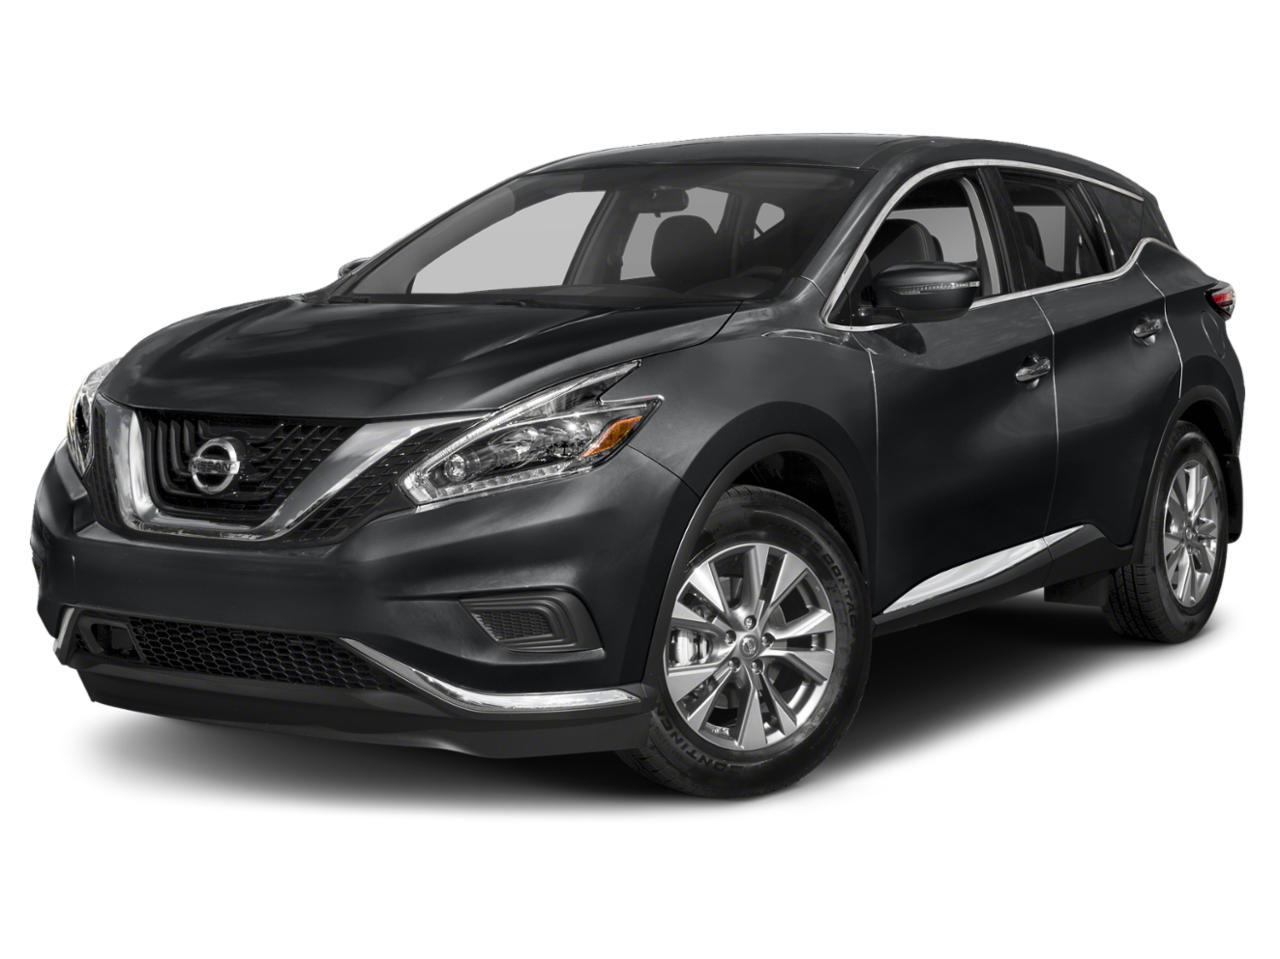 2018 Nissan Murano Vehicle Photo in Houston, TX 77090